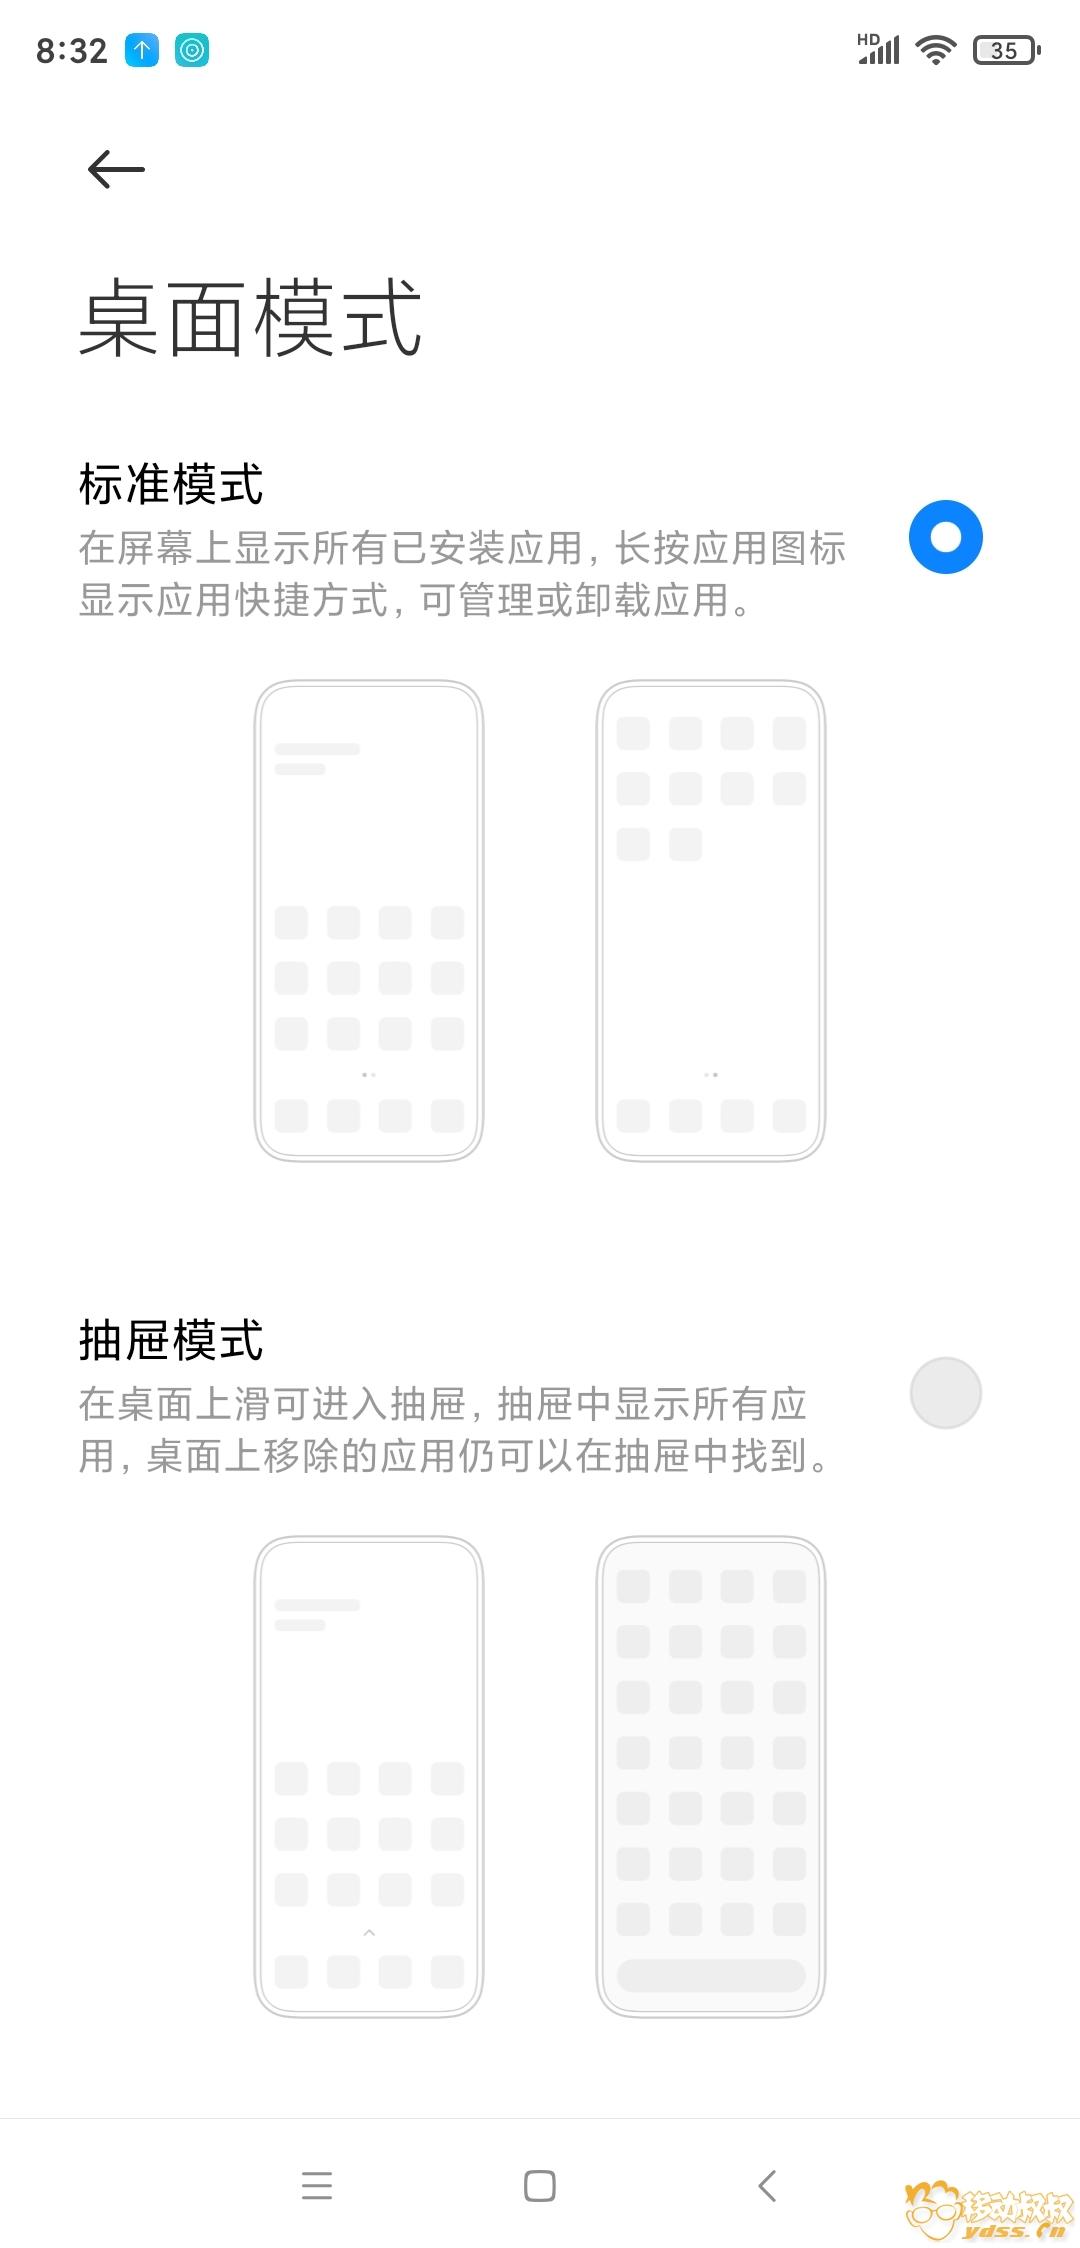 Screenshot_2020-04-30-08-32-17-673_com.miui.home.jpg